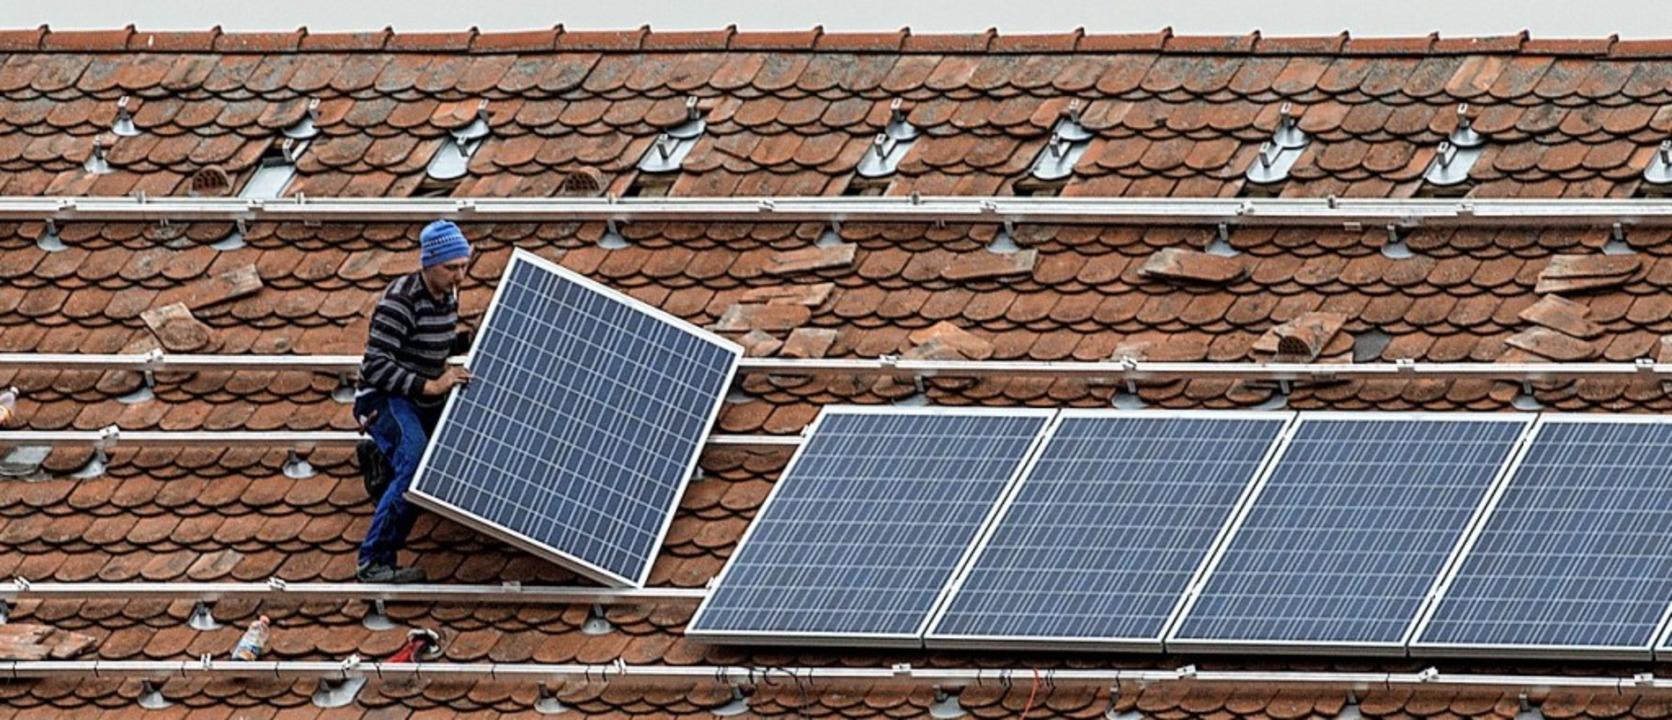 Wer mehr aus seiner Photovoltaikanlage herausholt, entlastet den Geldbeutel.     Foto: Armin Weigel